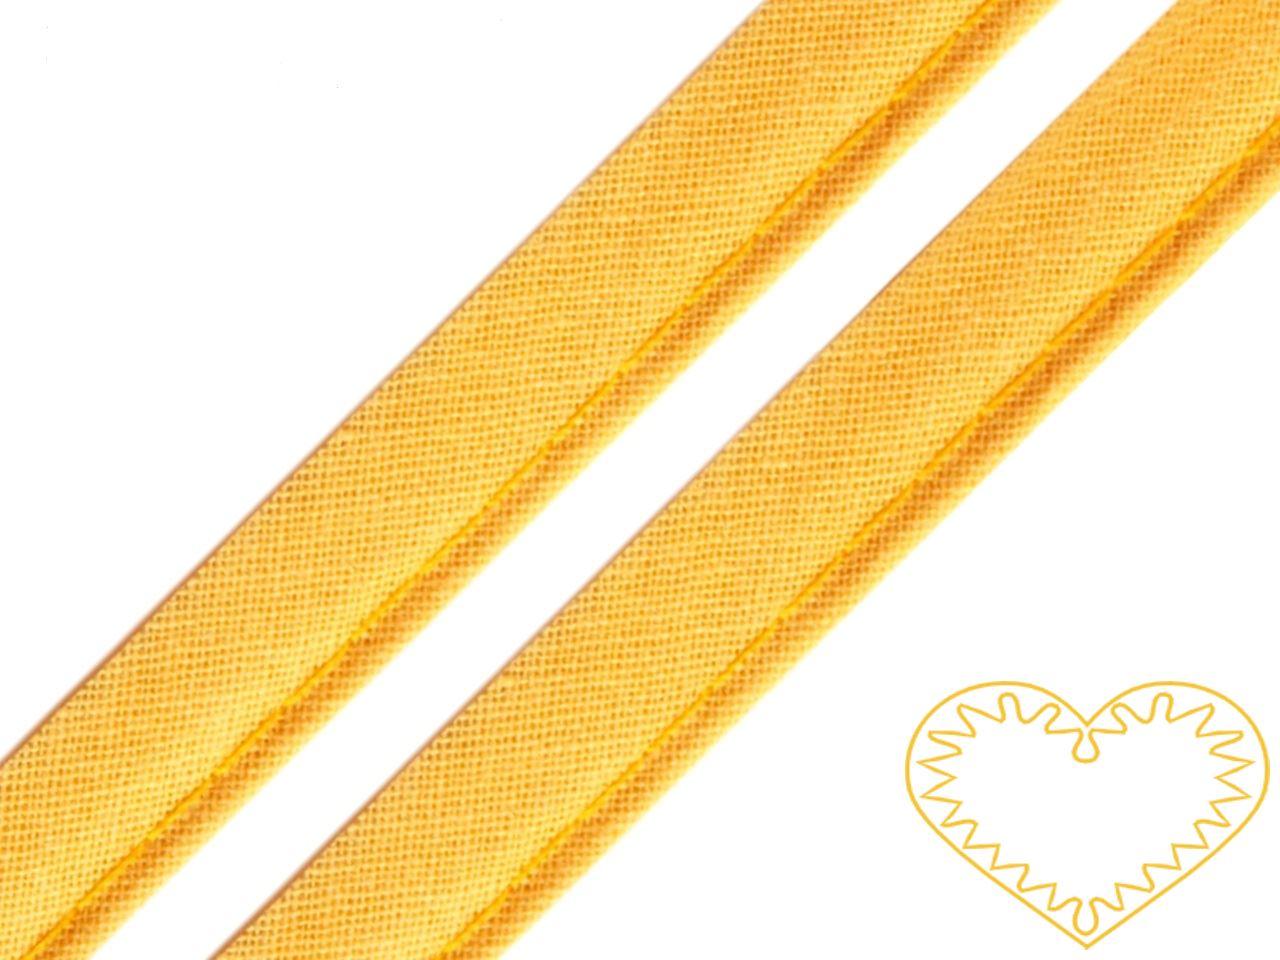 Paspulka saténová bordó - šíře 11 mm. Paspulku můžete využít jak v oblasti bytového textilu (lemování ubrusů, deček, polštářů, záclonek), tak i v oděvním průmyslu (dozdobení halenek, šatů nebo sukní).